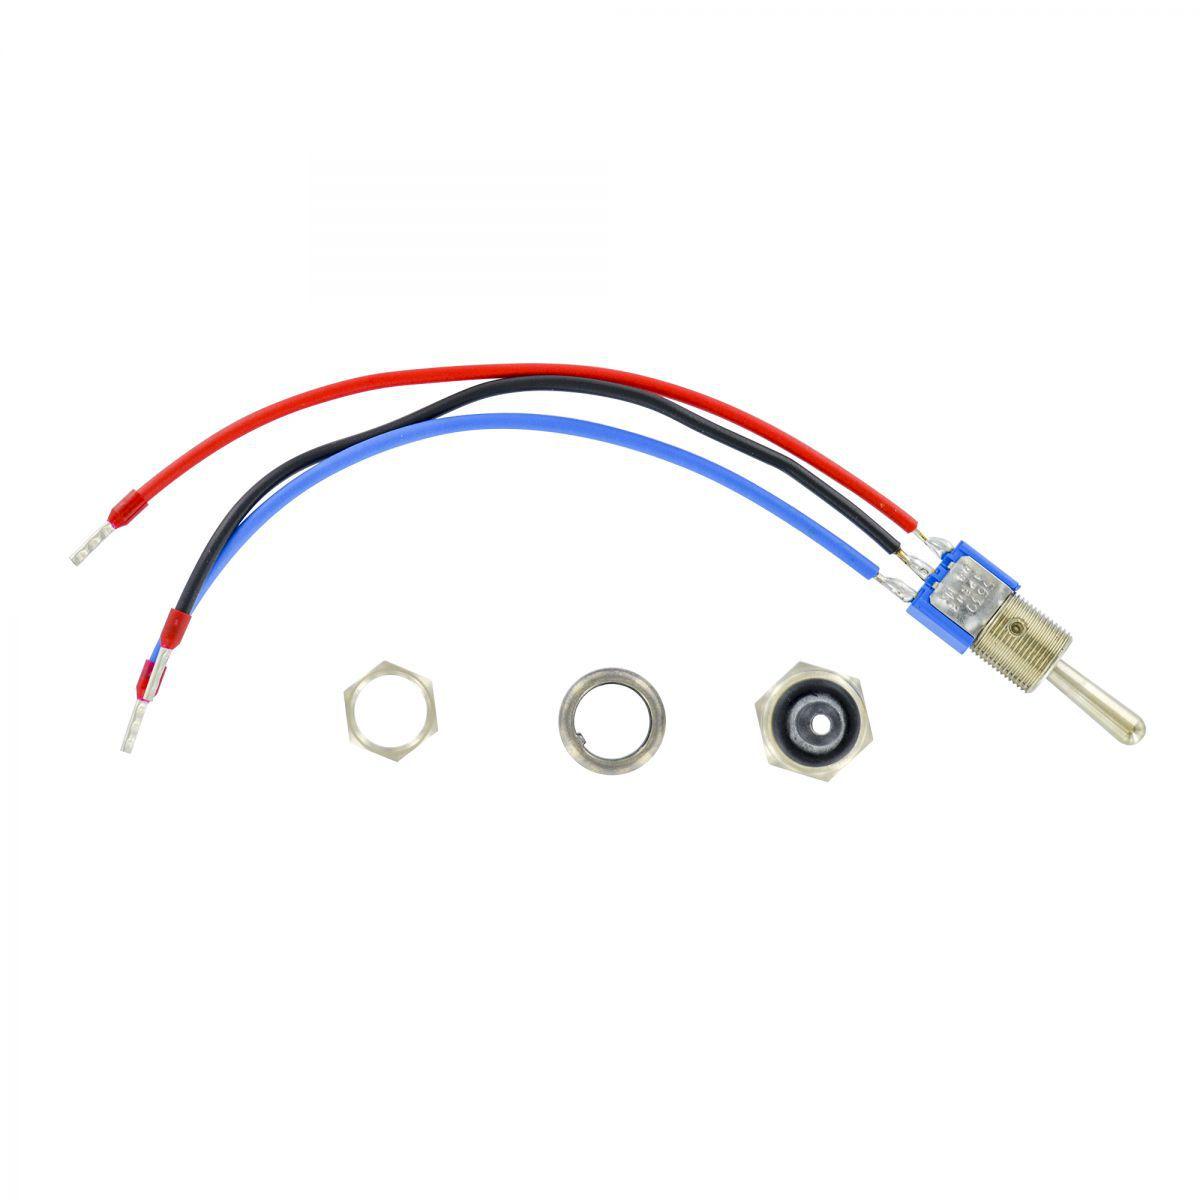 3positionsschalter lport schliessbgel mit kabel